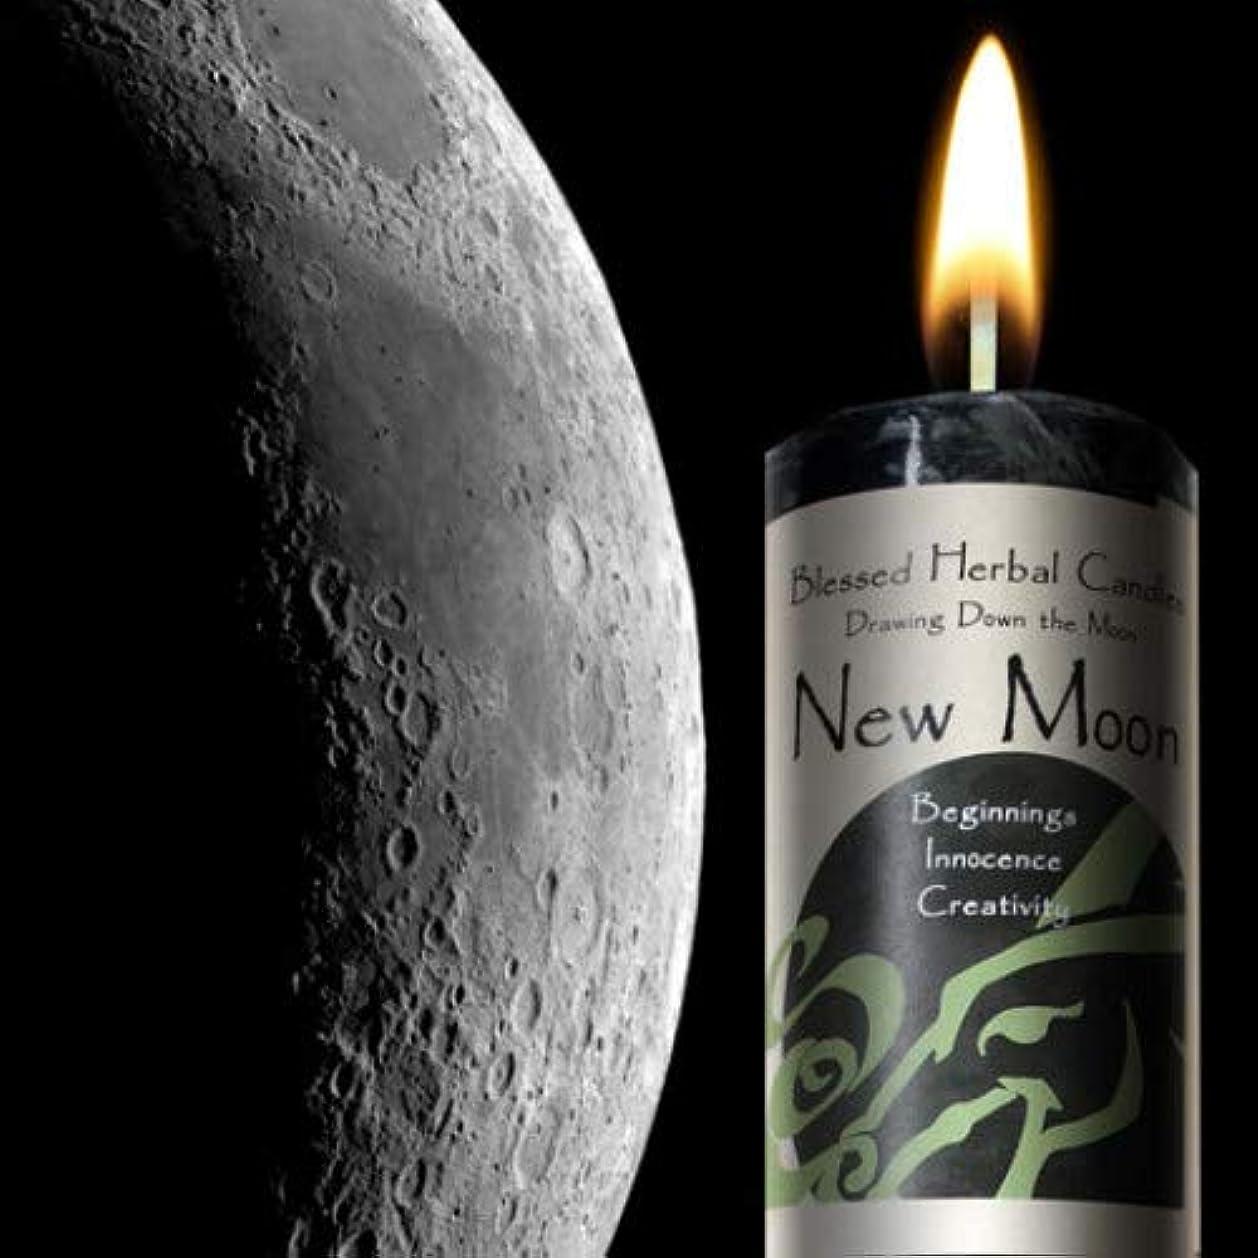 付けるシロクマ空図面Down theムーン – New Moon